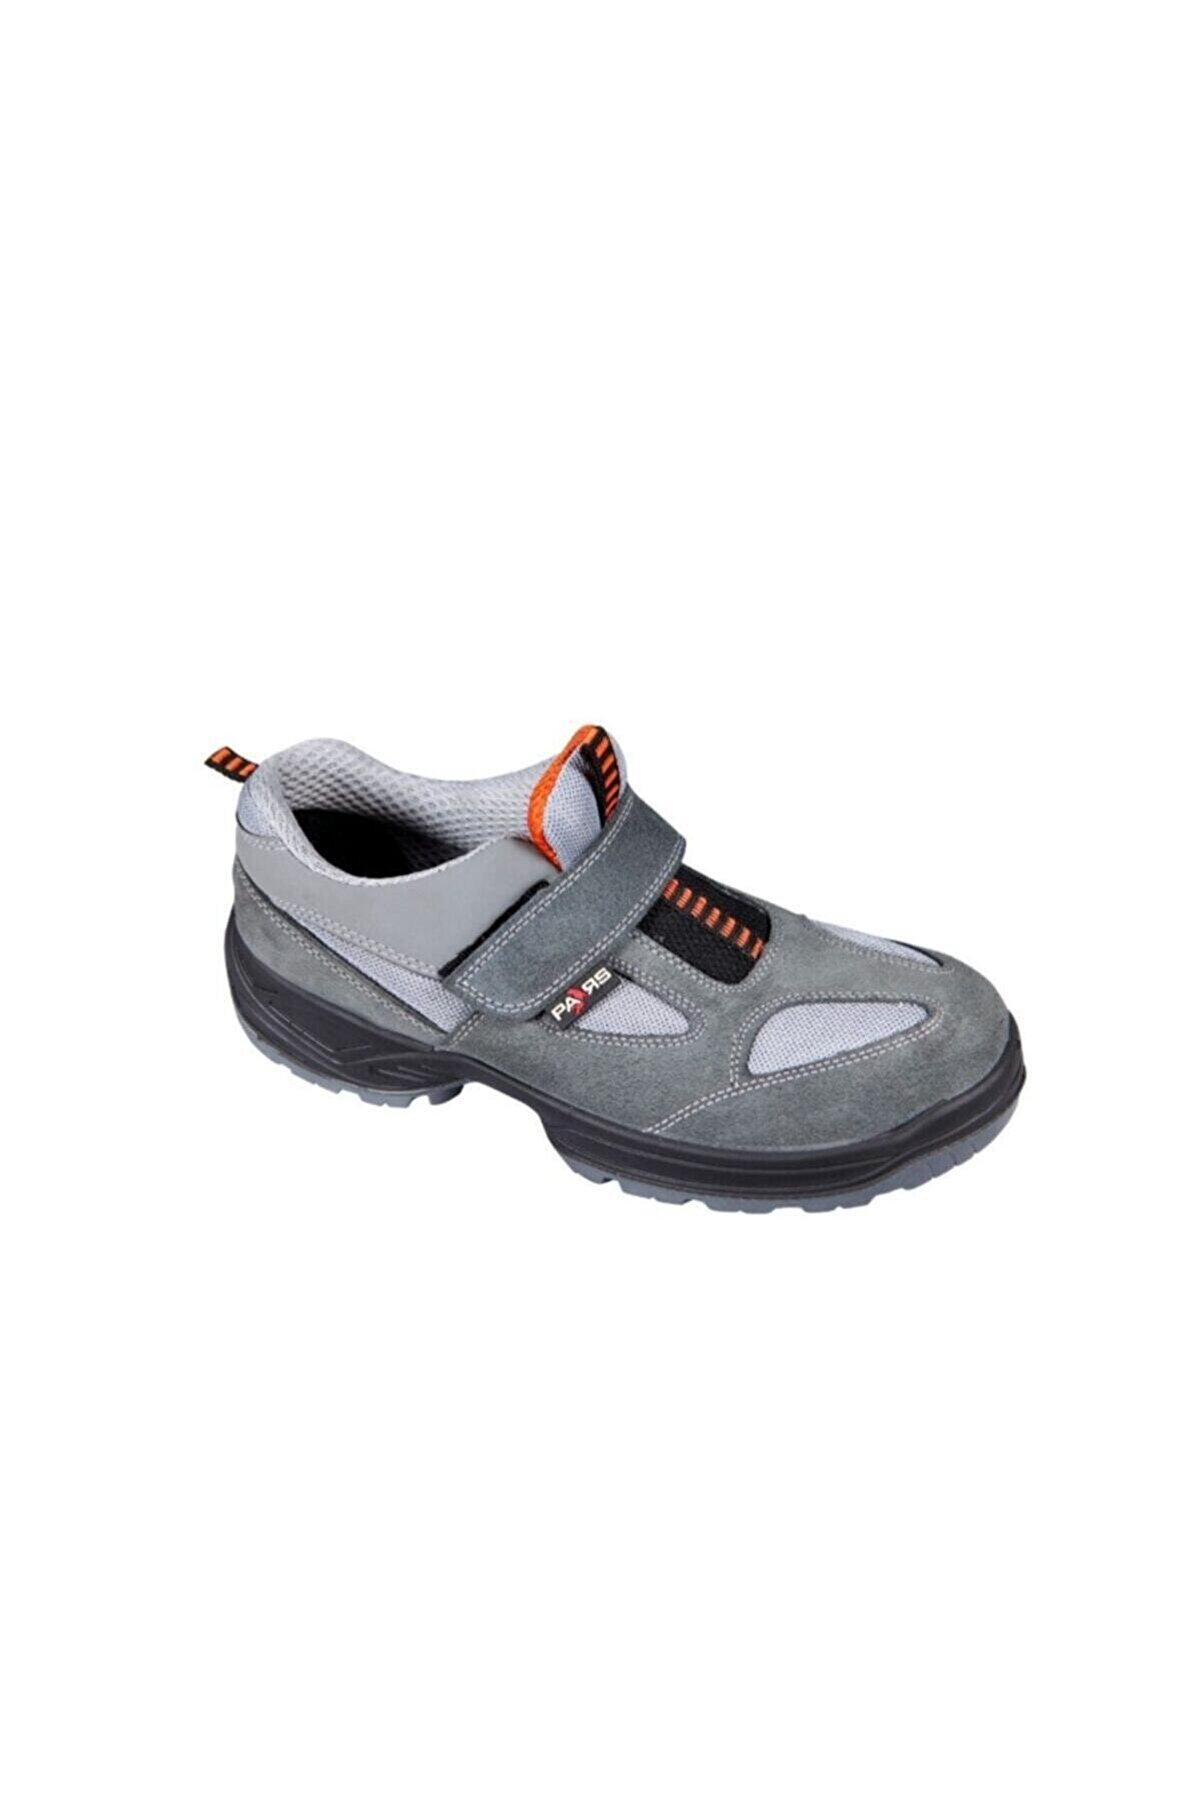 Form Kurumsal Personel İş Elbiseleri Pars Iş Güvenlik Ayakkabısı 116 S1 Çelik Burun